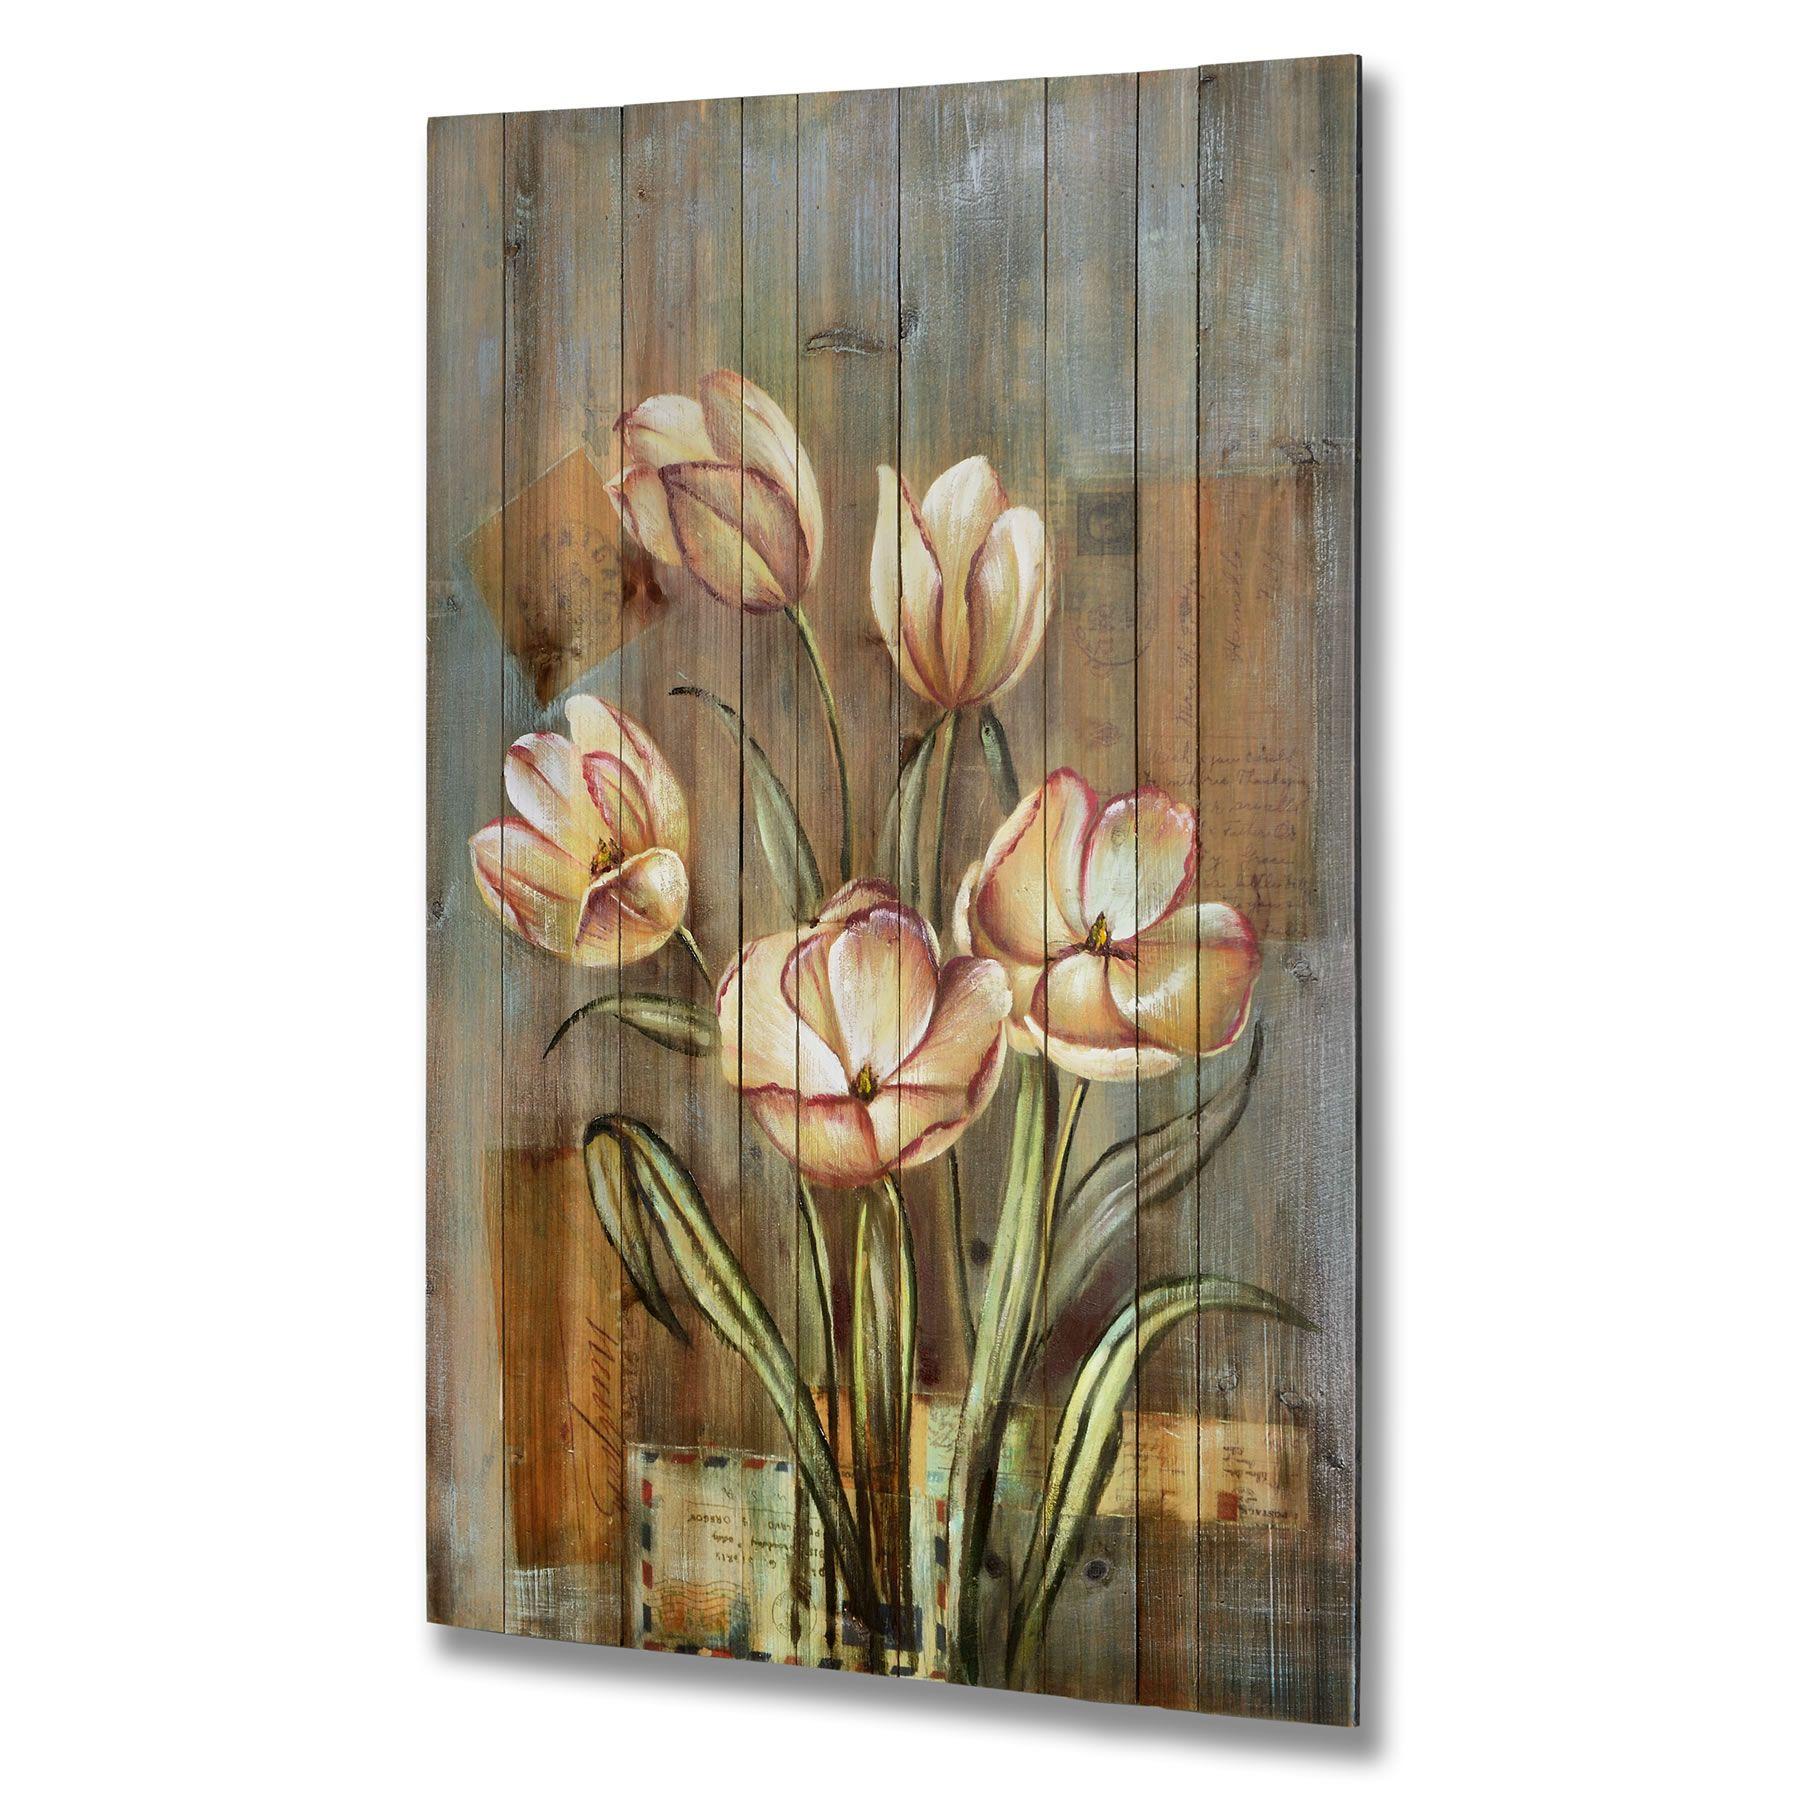 Paintings On Wood Plank Handpainted Flower Painting On Wood Other Artware Wall Art Painting On Wood Scrap Wood Art Reclaimed Wood Art